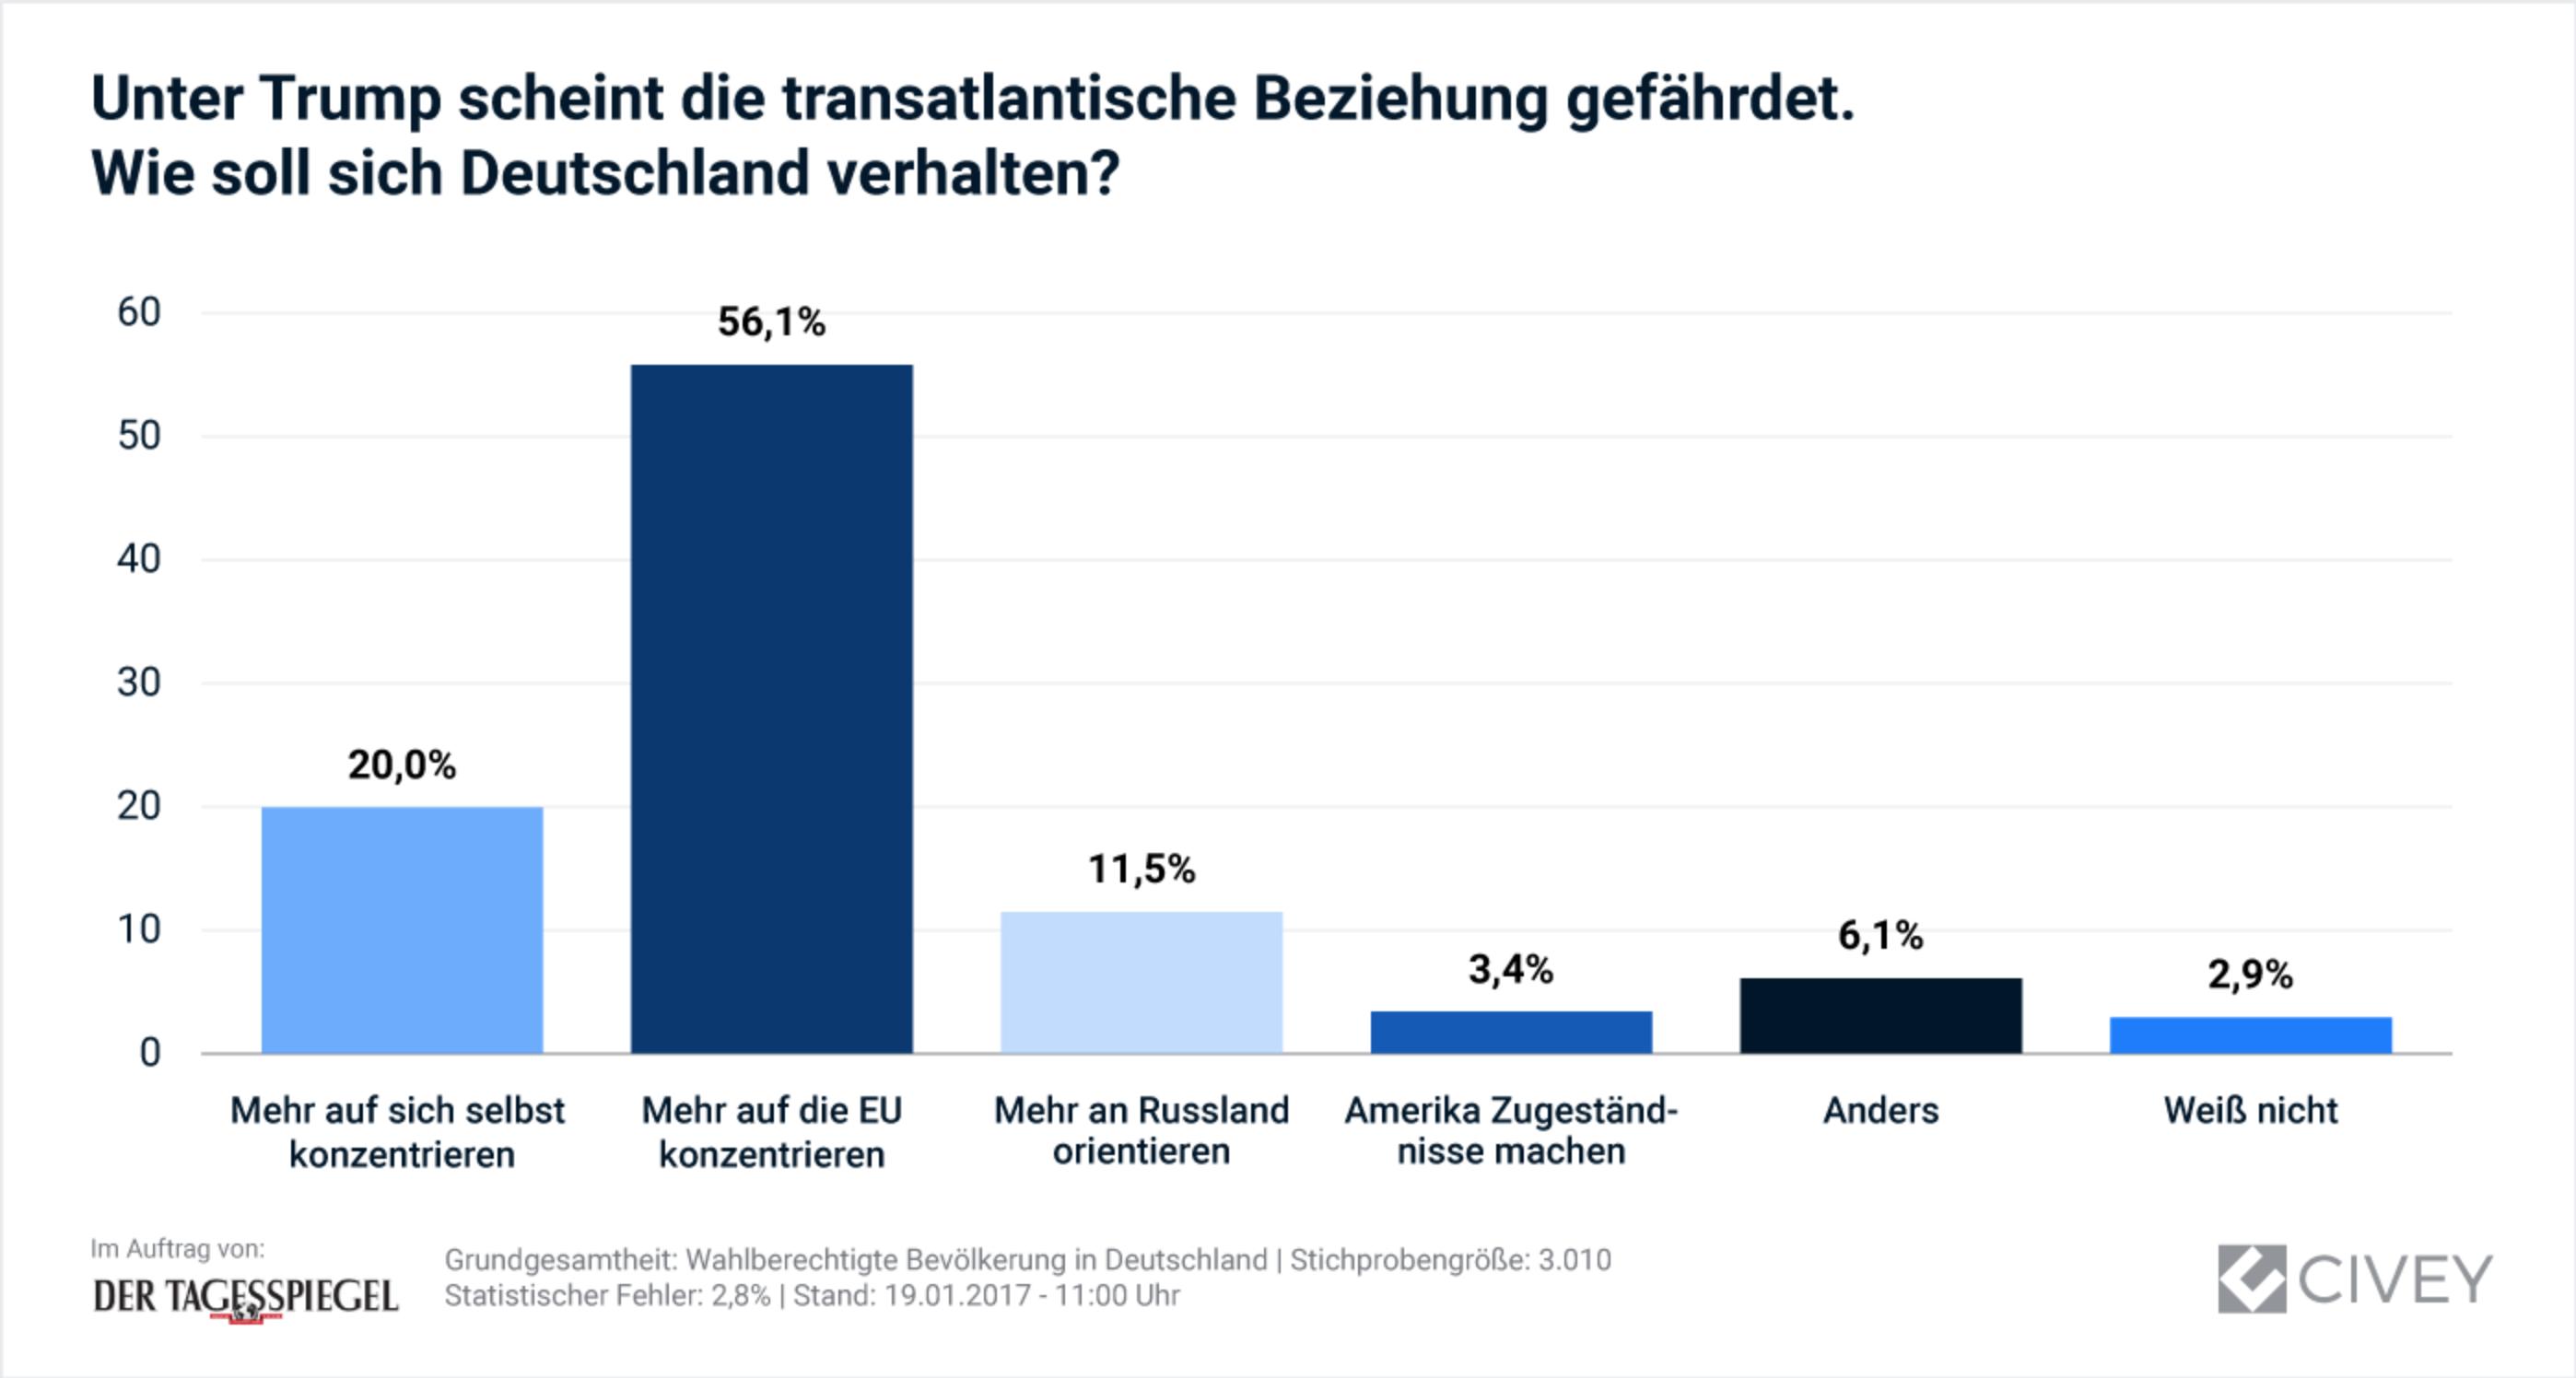 Donald Trump gefährdet transatlantische Beziehungen. Wie soll sich Deutschland verhalten?